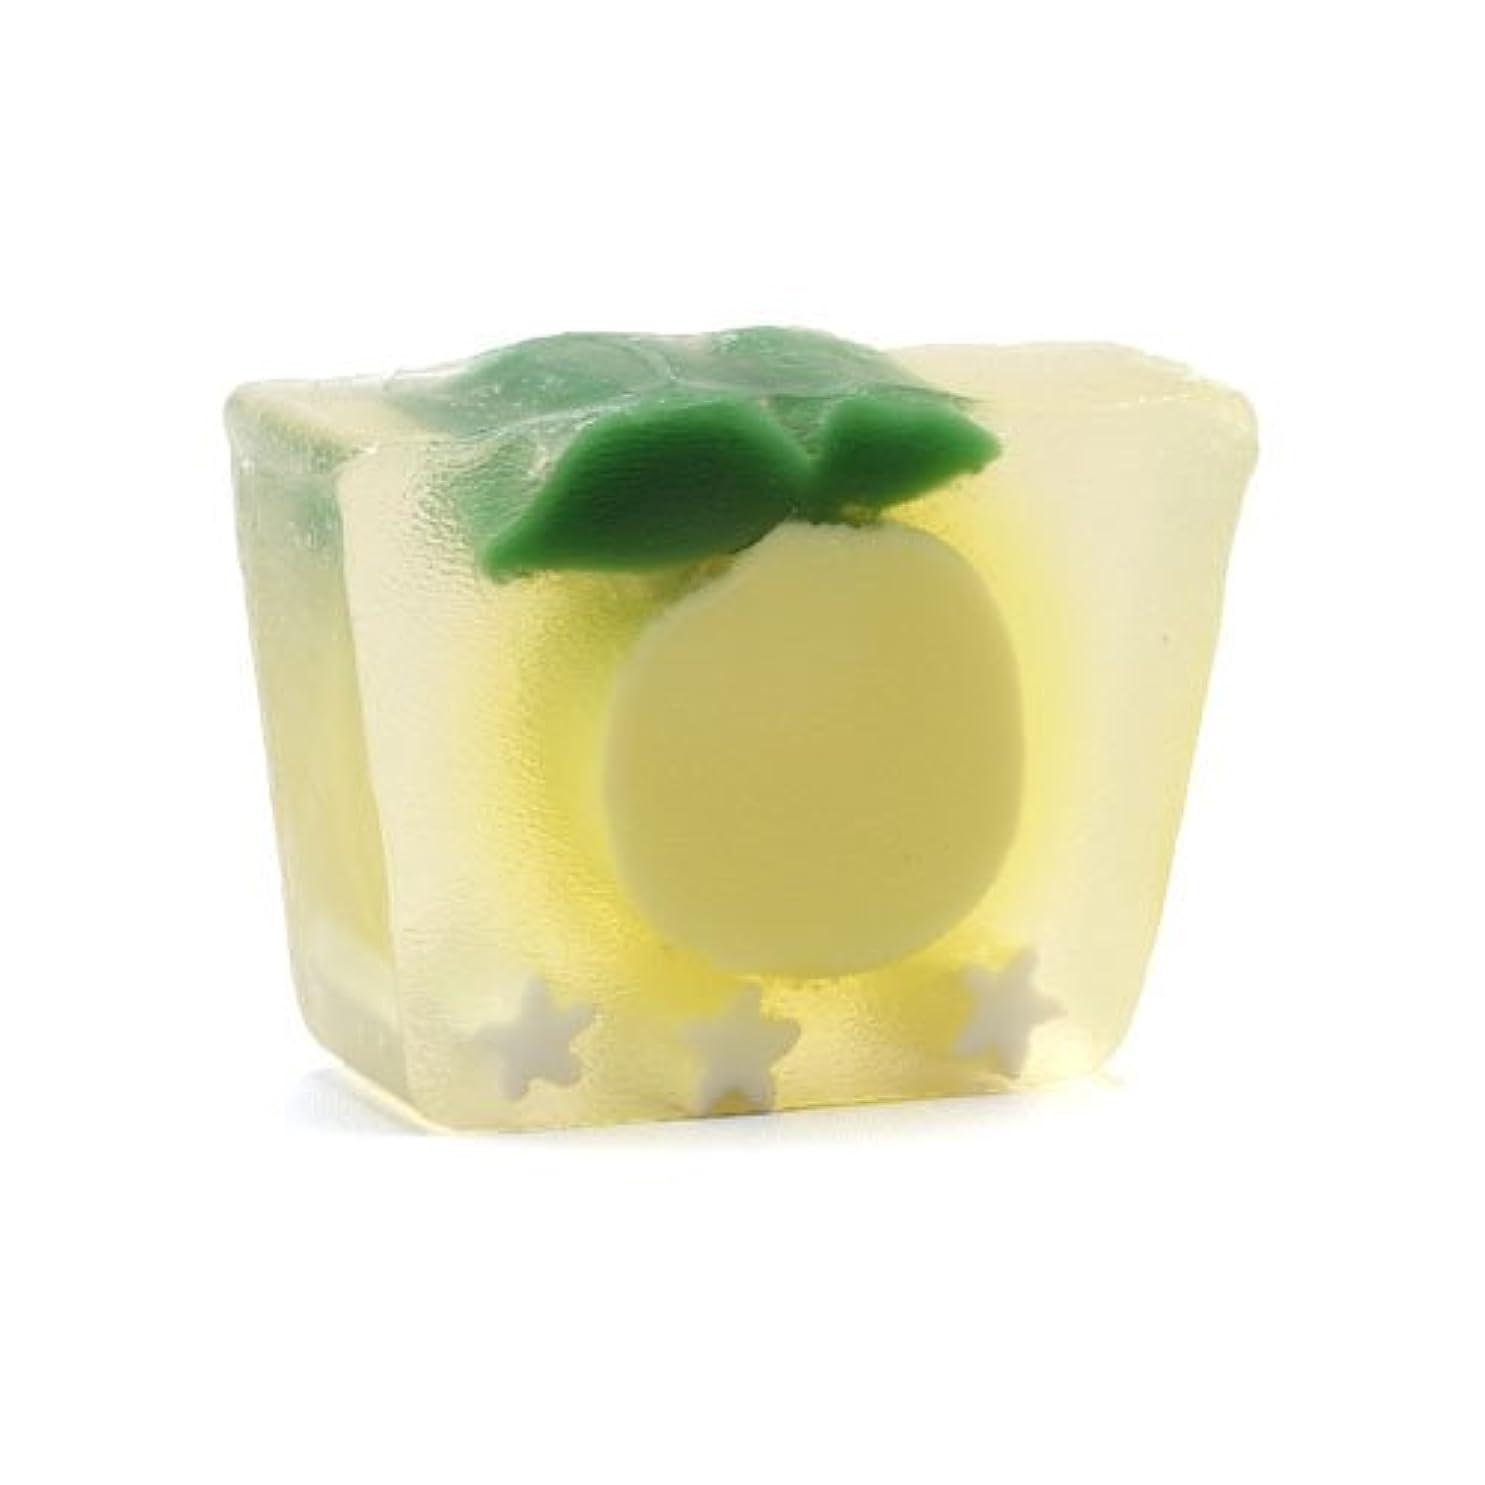 イブニング縫うマラウイプライモールエレメンツ アロマティック ミニソープ カリフォルニアレモン 80g 植物性 ナチュラル 石鹸 無添加